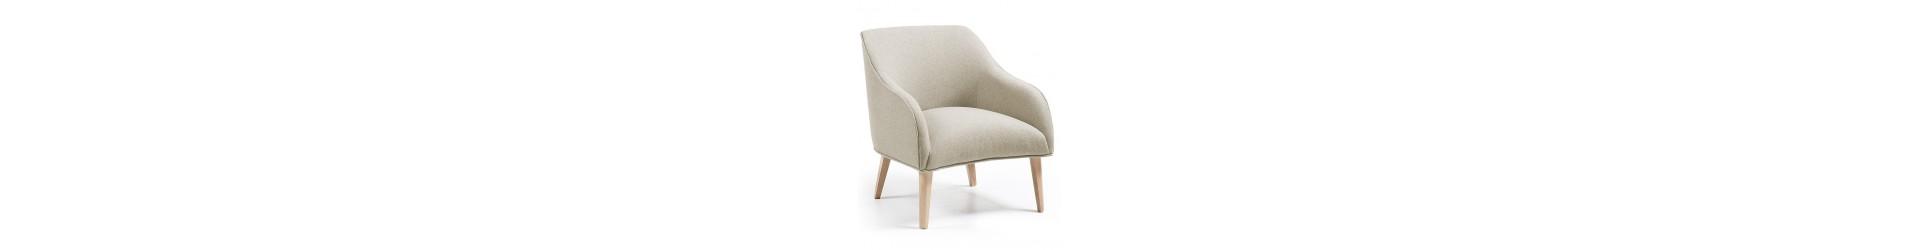 Canapés, chaise longue, fauteuil, canapés, poufs,